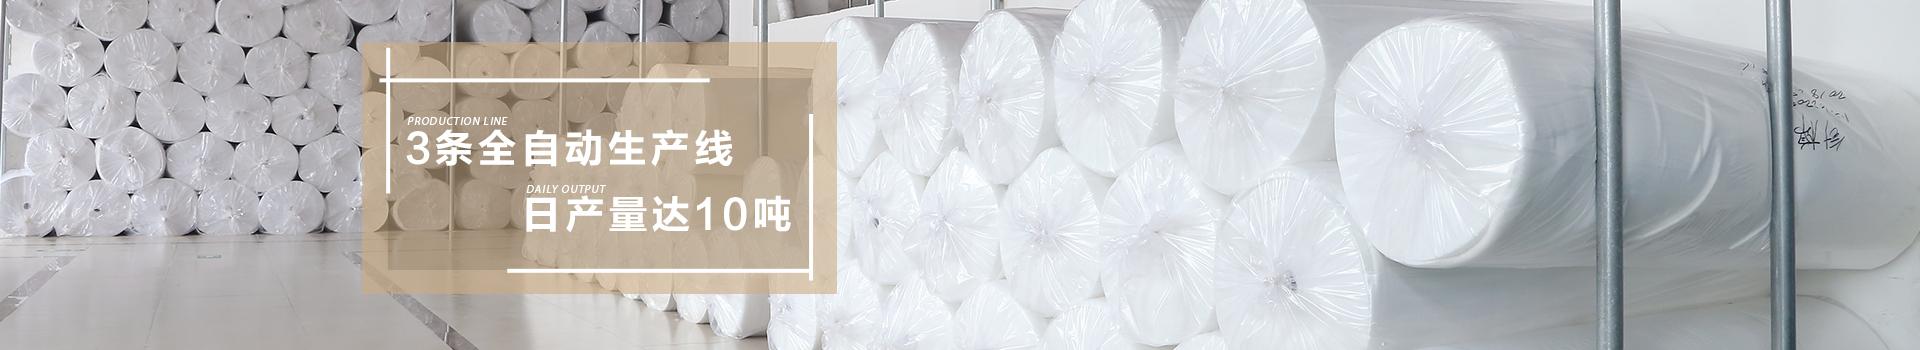 星辉注册-3条全自动生产线,日产量达10吨